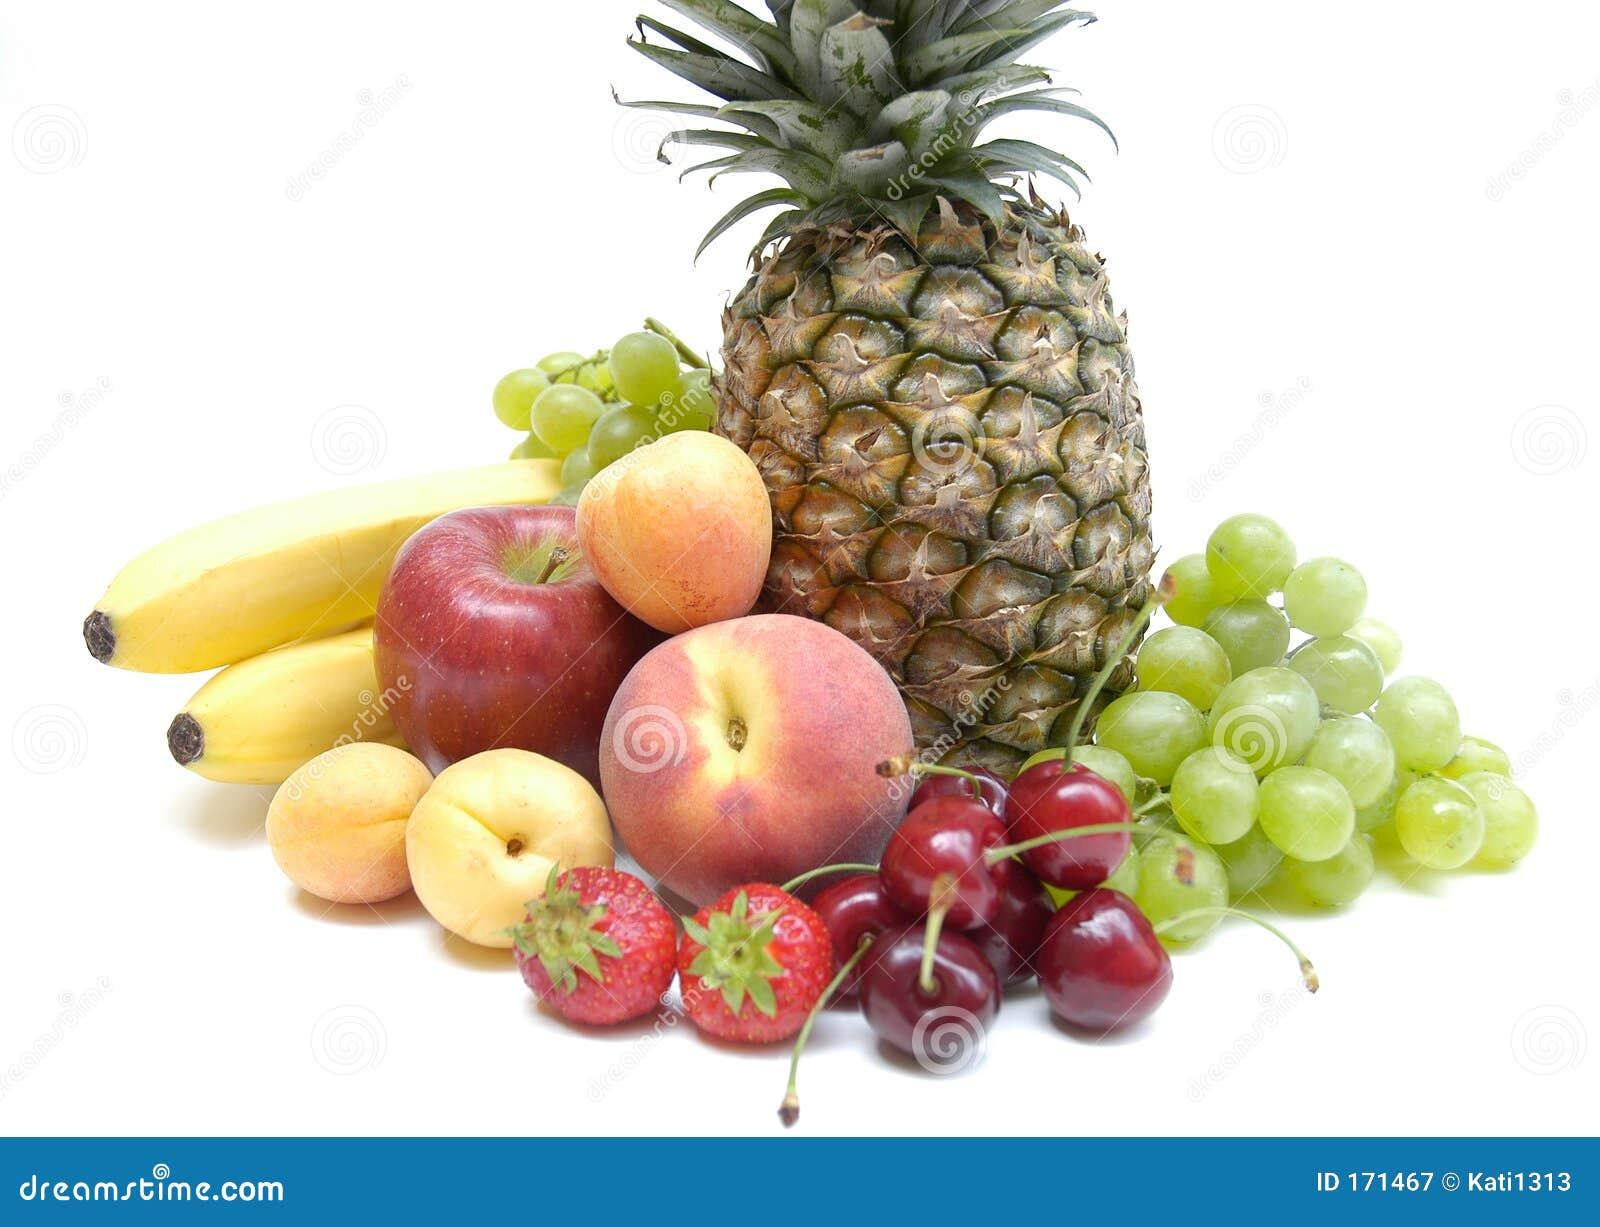 Fruits III